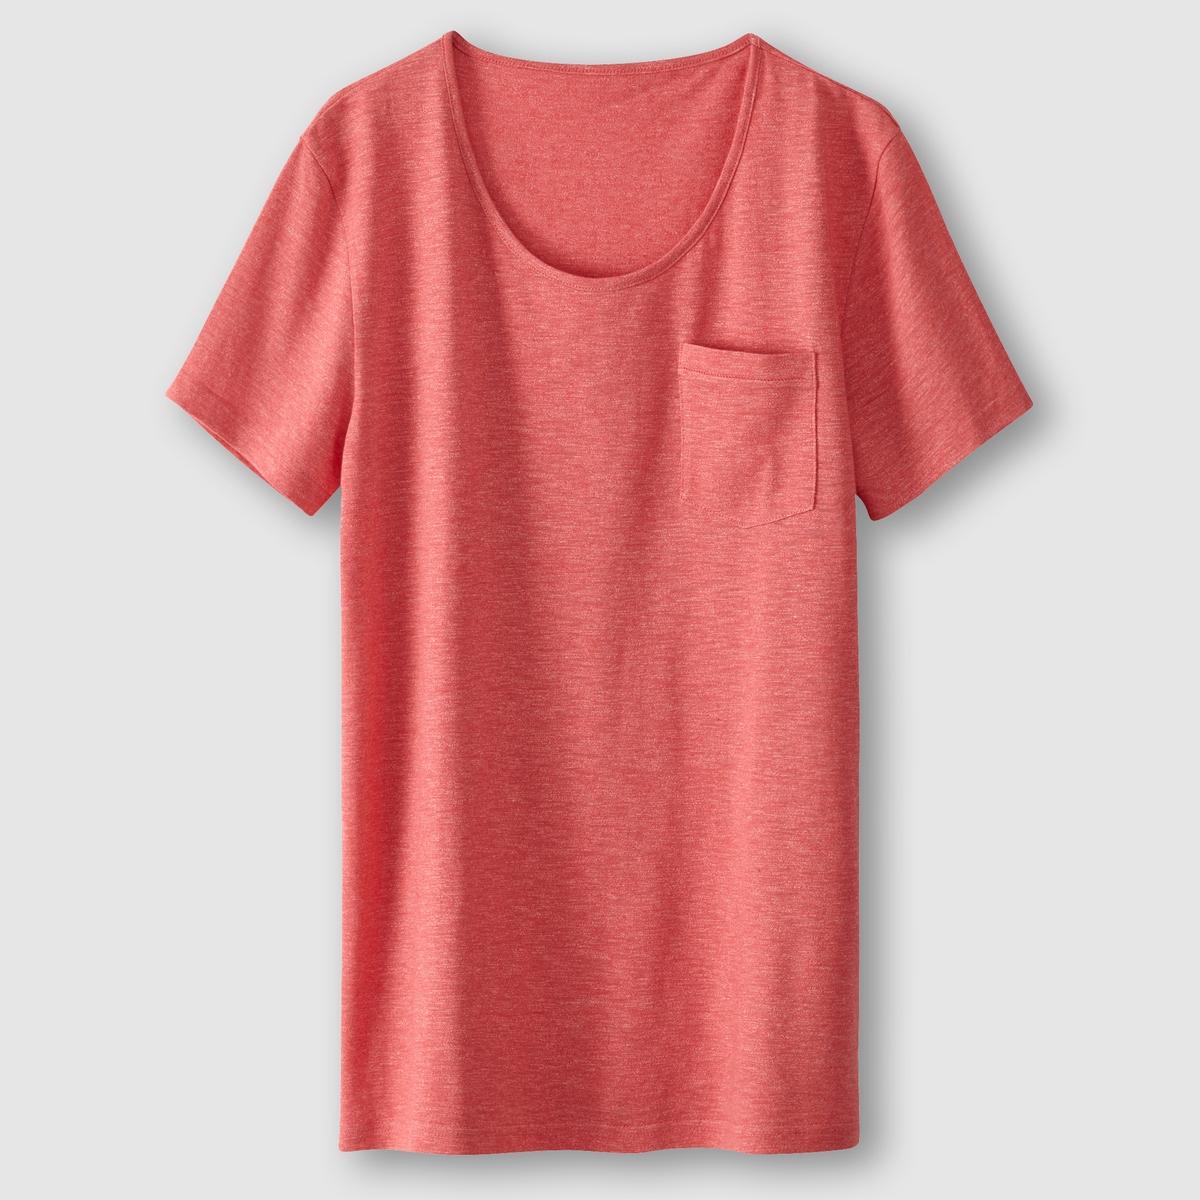 ФутболкаФутболка с короткими рукавами. Прямой покрой, круглый вырез. Нагрудный карман. Низ и рукава украшены видимой строчкой.Состав и описаниеМатериал: 50% хлопка, 50% полиэстера.   Марка: SOFT GREY.<br><br>Цвет: коралловый меланж,серый меланж<br>Размер: XXL